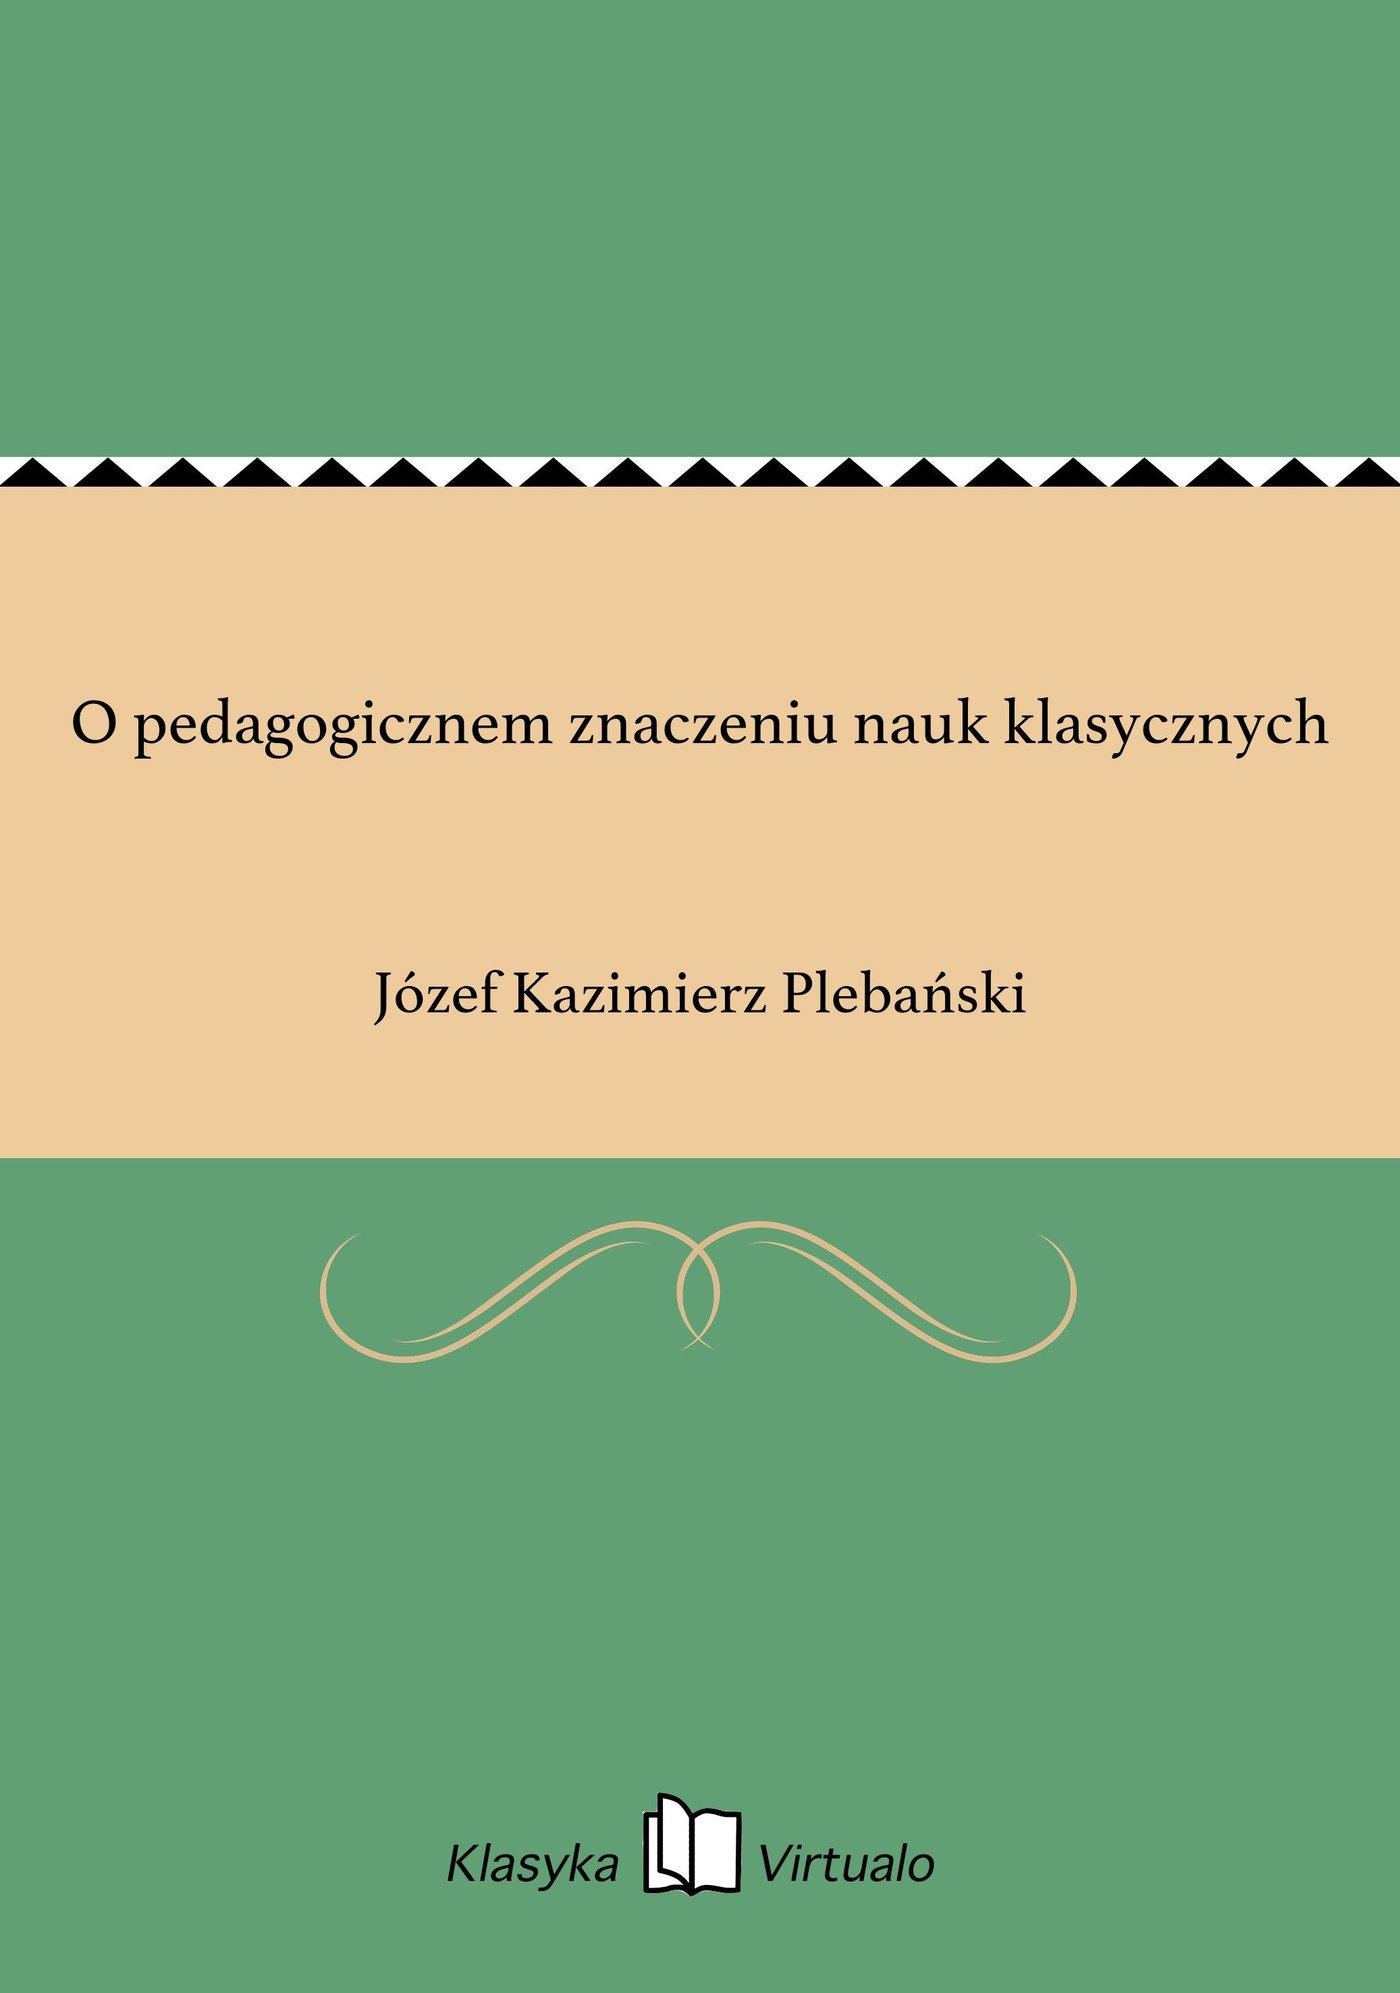 O pedagogicznem znaczeniu nauk klasycznych - Ebook (Książka EPUB) do pobrania w formacie EPUB